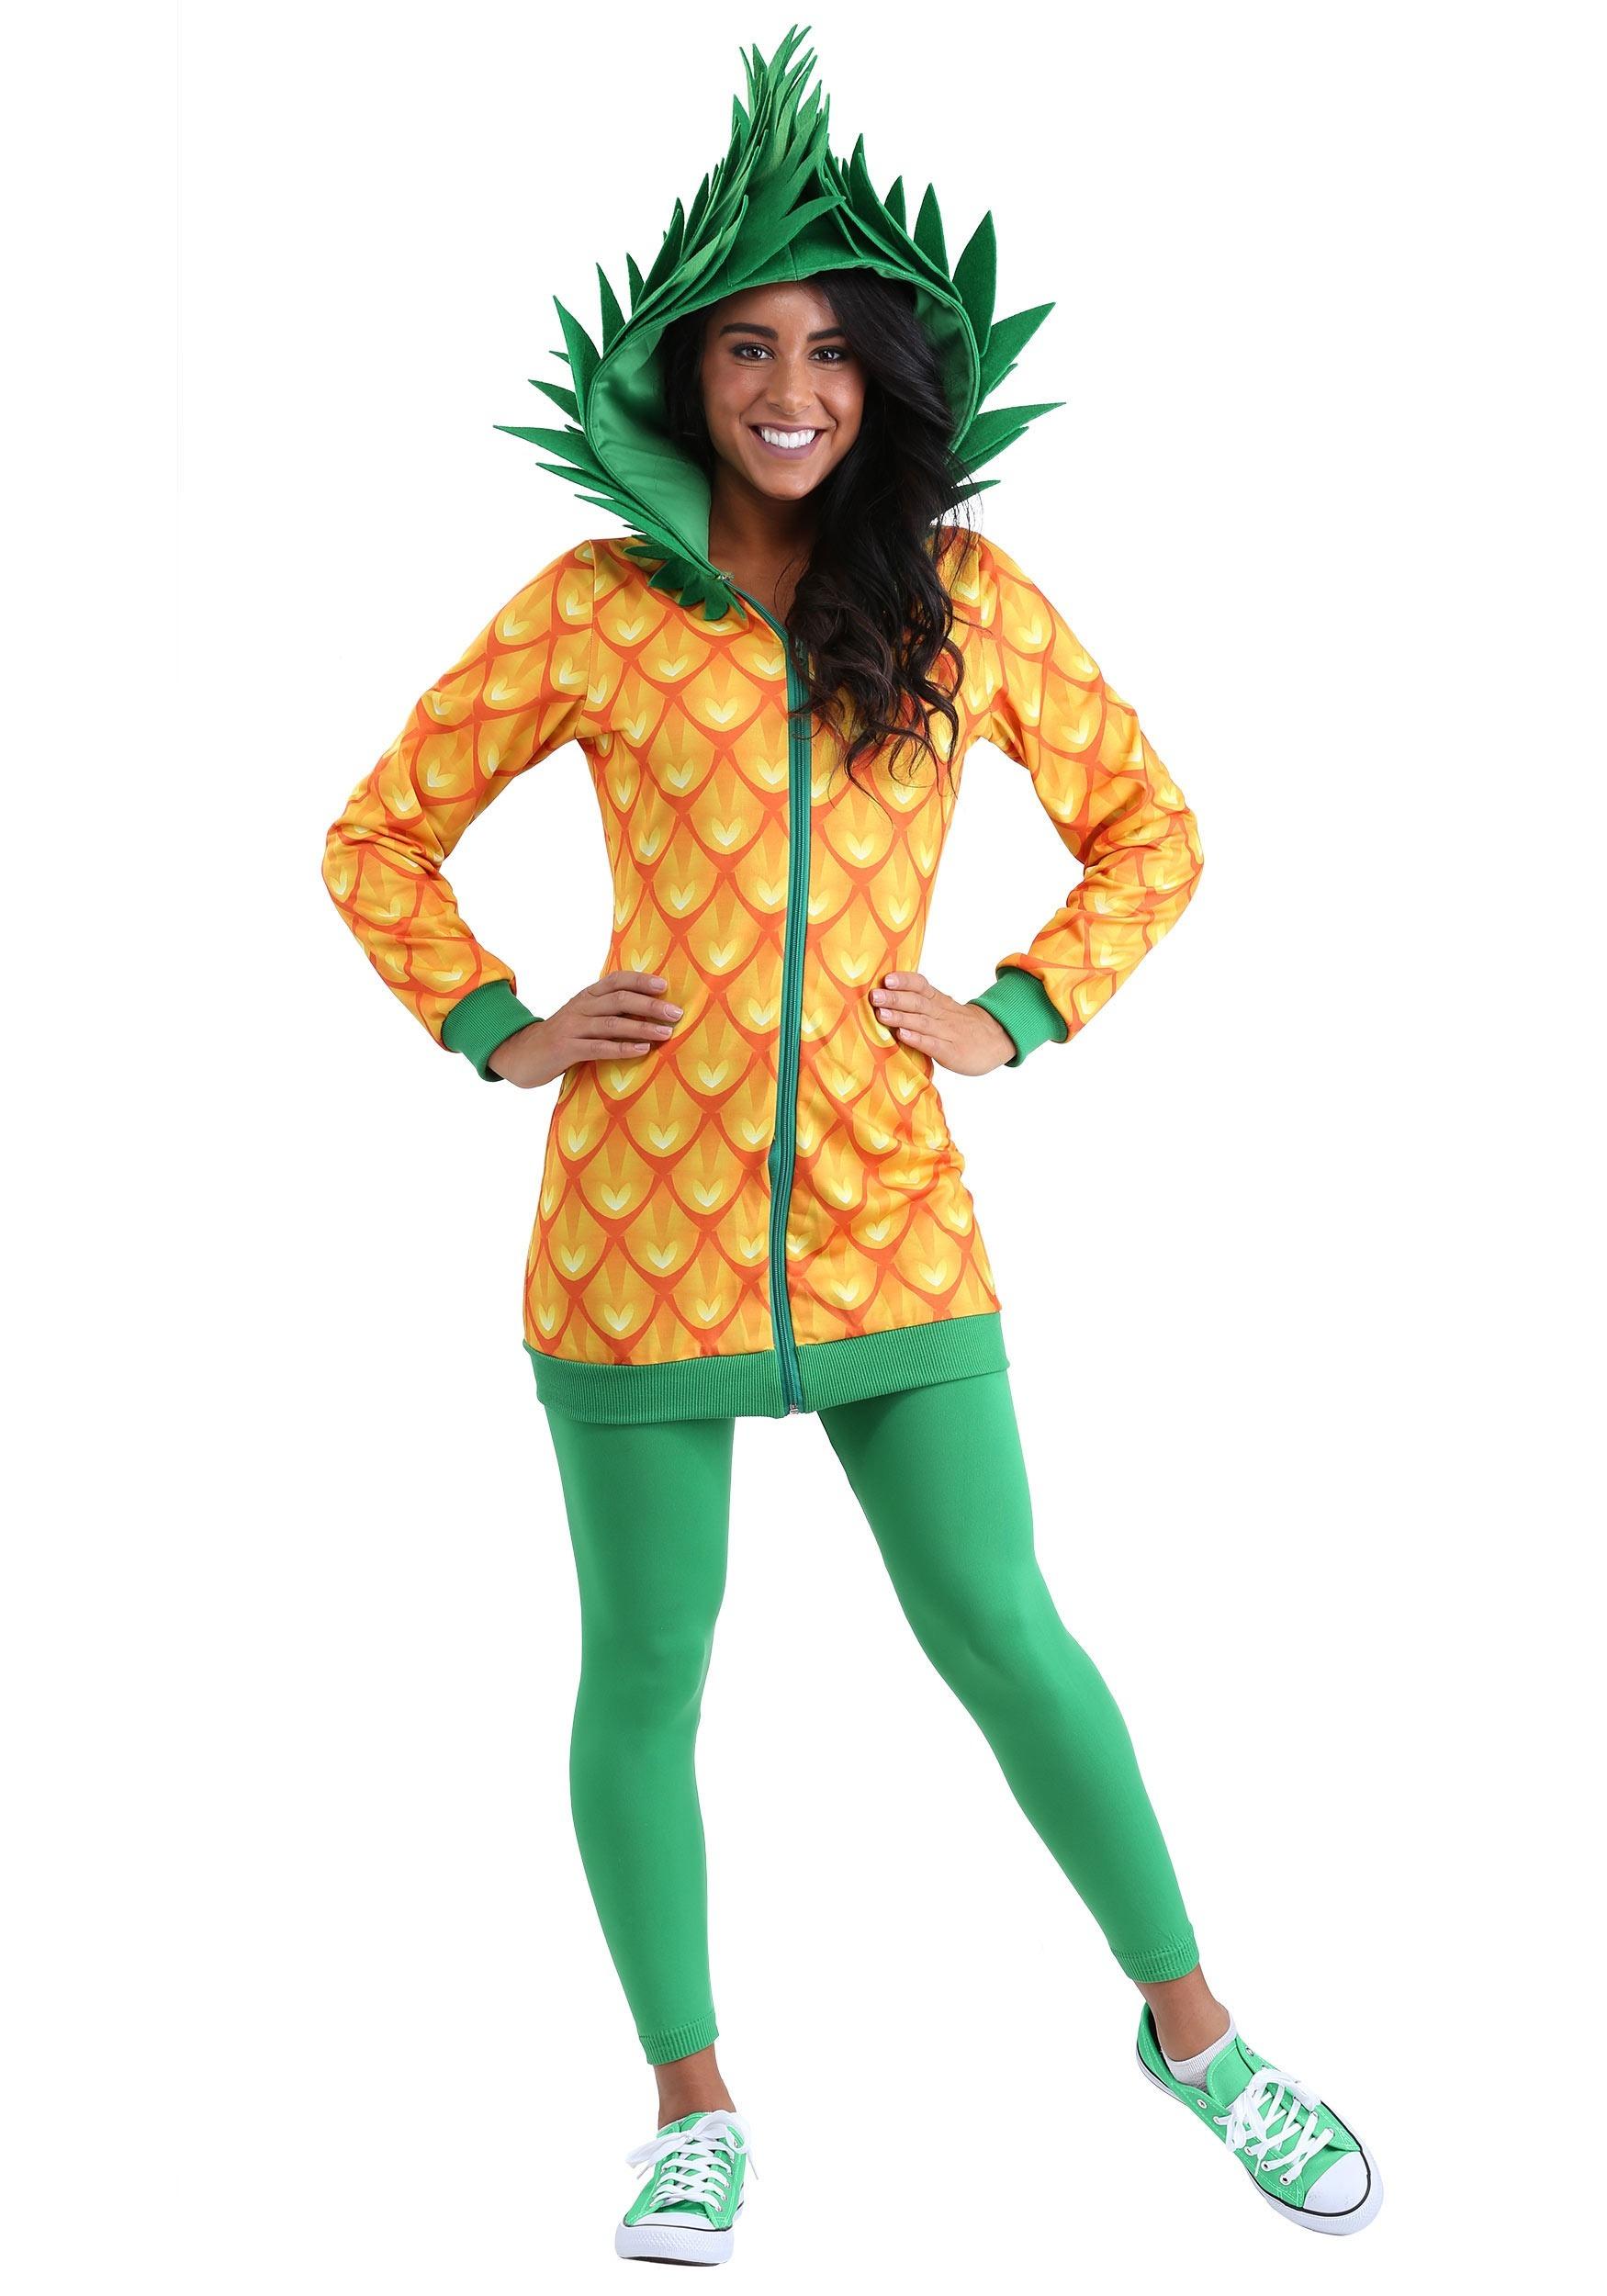 Pineapple_Hooded_Adult_Costume_Dress